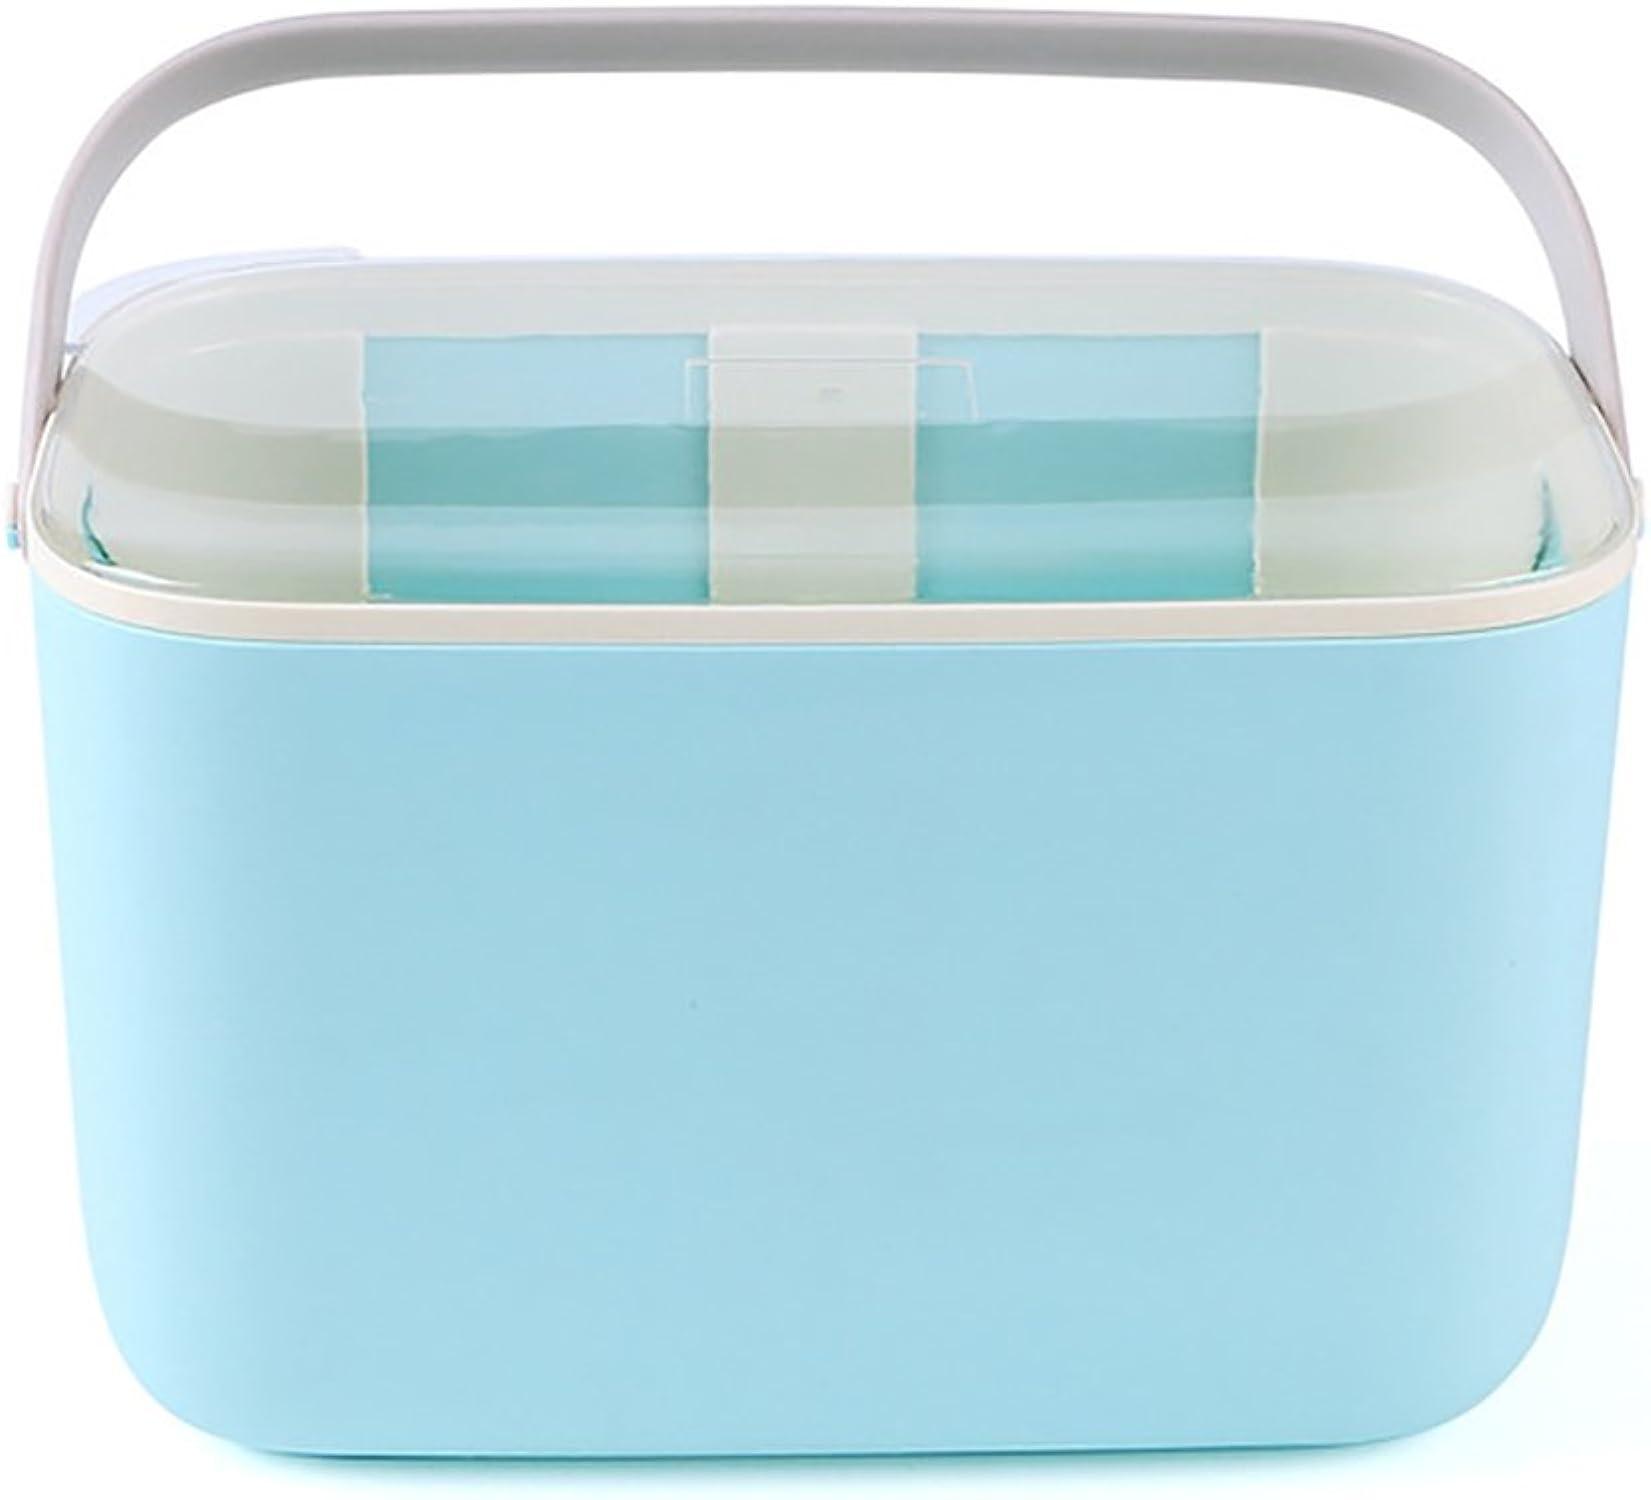 JI BIN SHOP Caja De Almacenamiento De Plástico Con Tapa Sello Caja De Almacenamiento De Leche En Polvo Para Biberón Con Una Caja De Desagüe De Secado Multipropósito 34x21x21.5cm  ( Color   Azul )